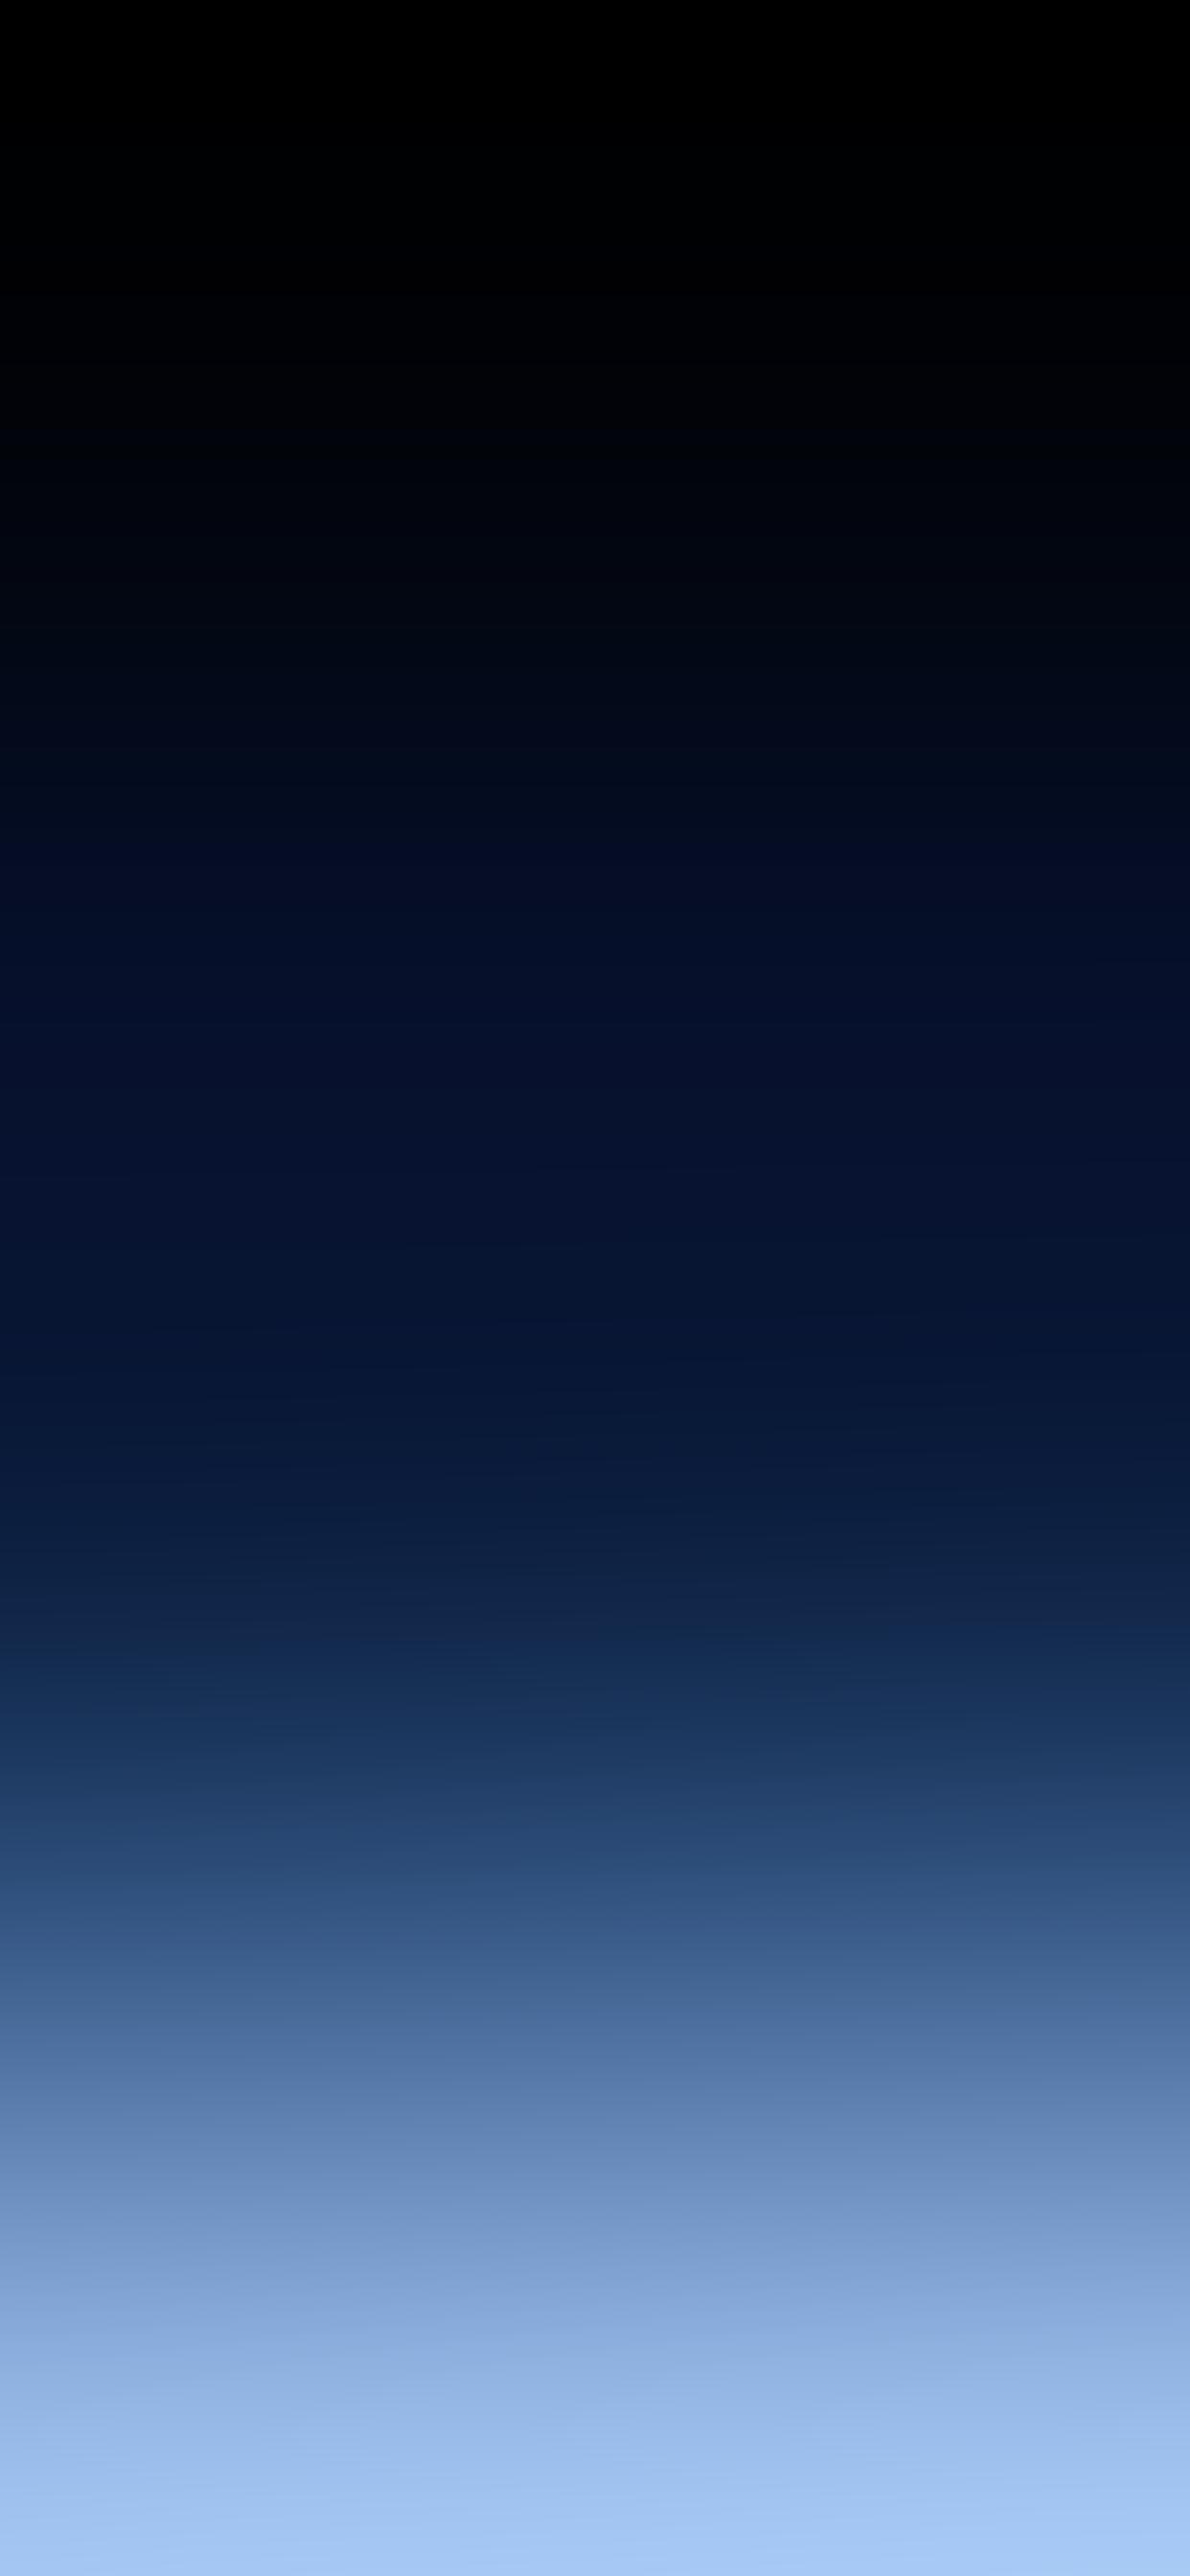 iPhone wallpaper gradient colors blue Fonds d'écran iPhone du 16/01/2019